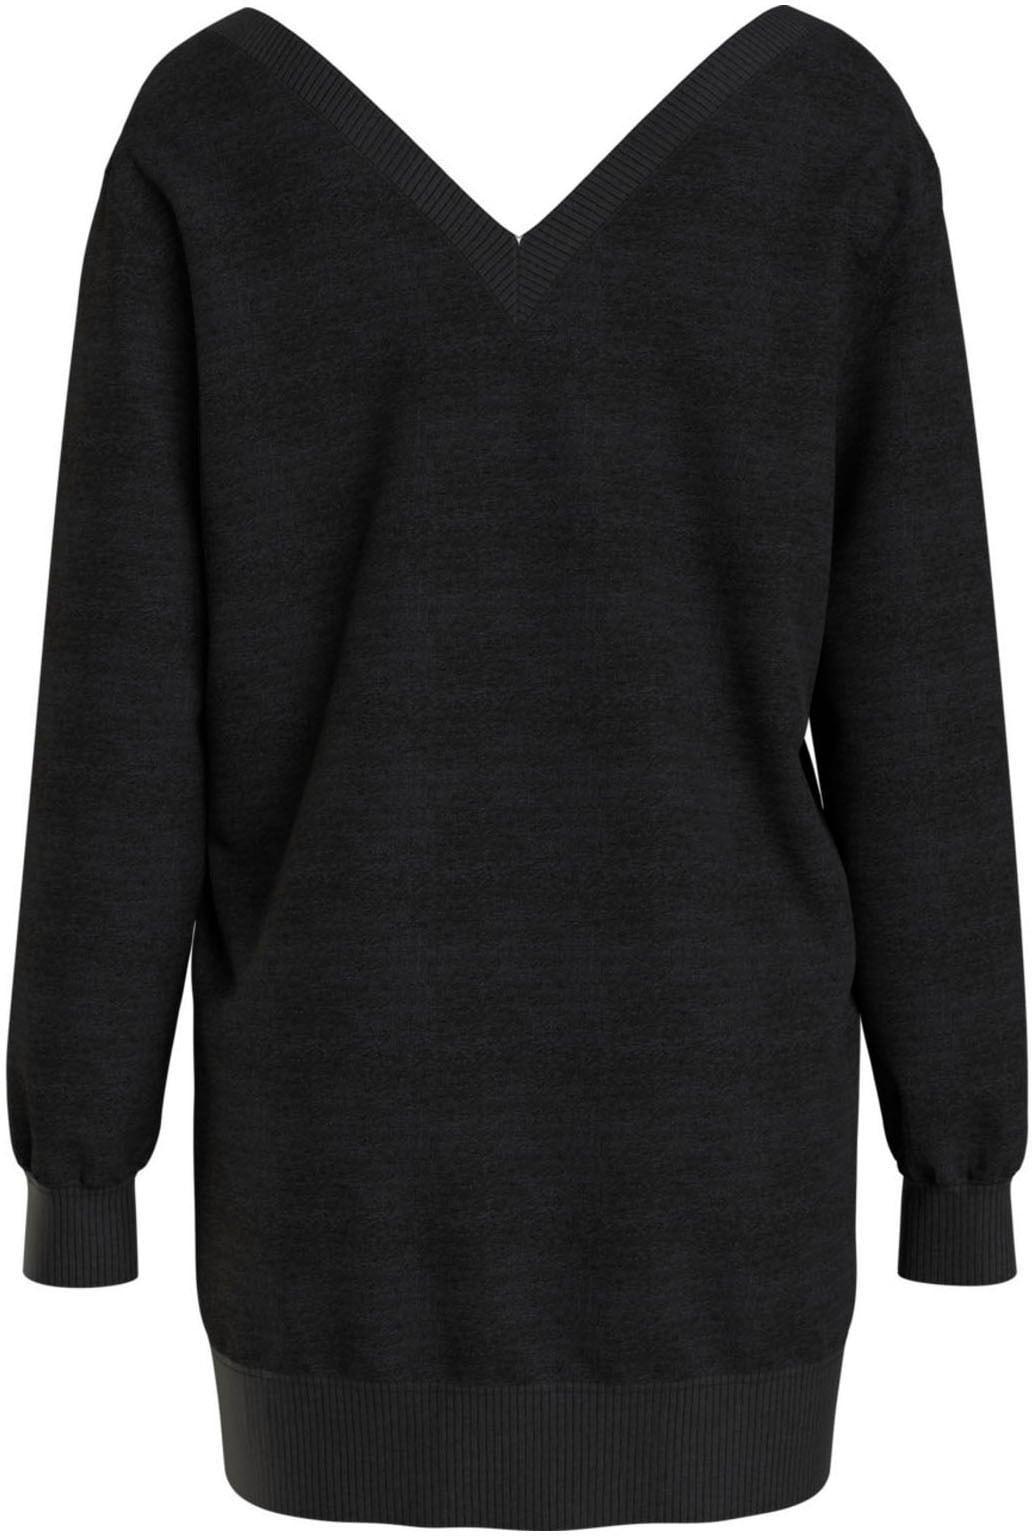 tommy jeans -  Sweatkleid TJW V-NECK SWEAT DRESS, mit tiefem V-Ausschnitt vorn & hinten